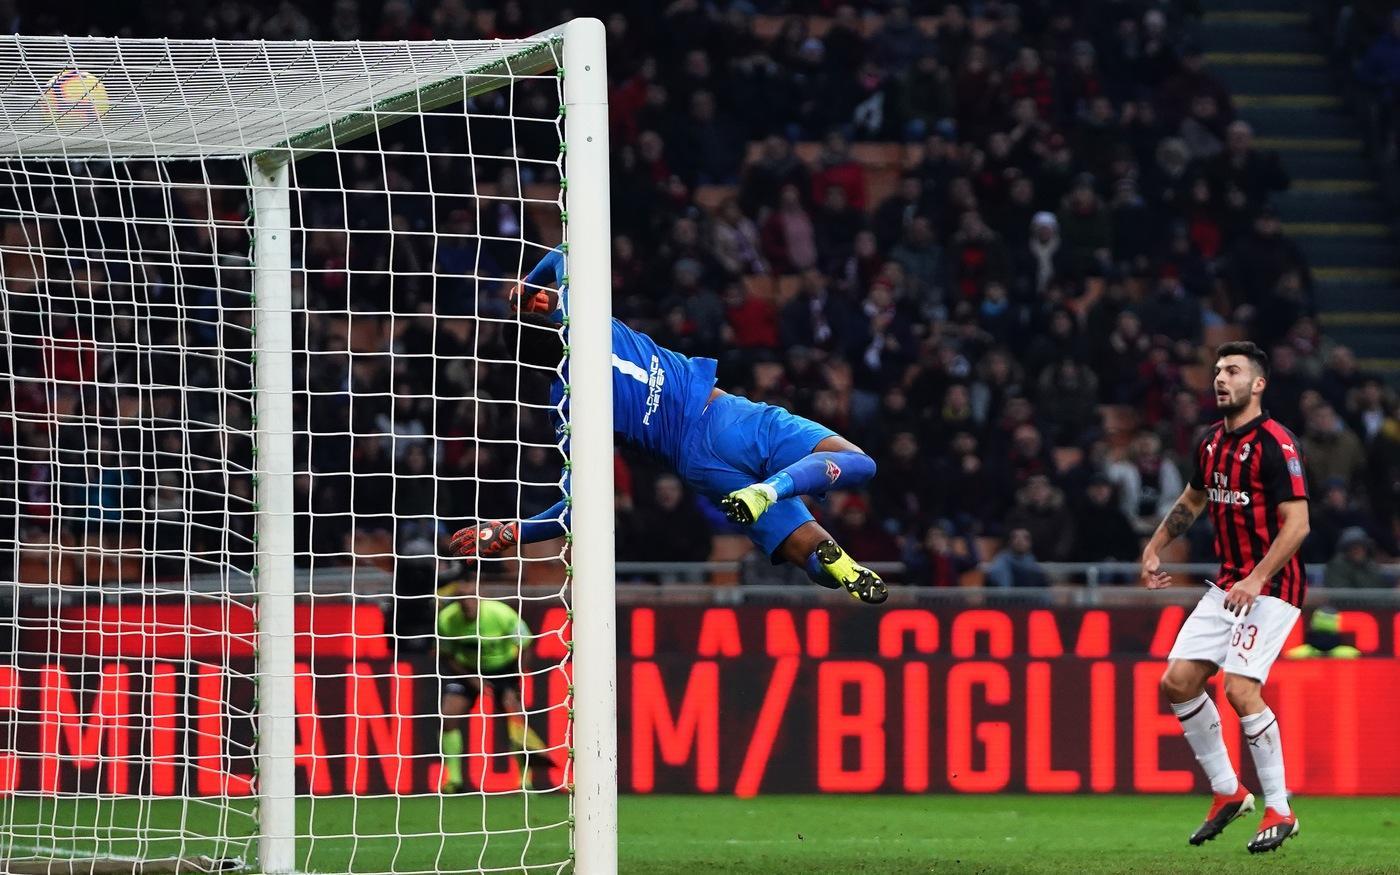 Una rete dell'attaccante della Fiorentina affonda il Milan e mette a rischio la panchina di Ringhio